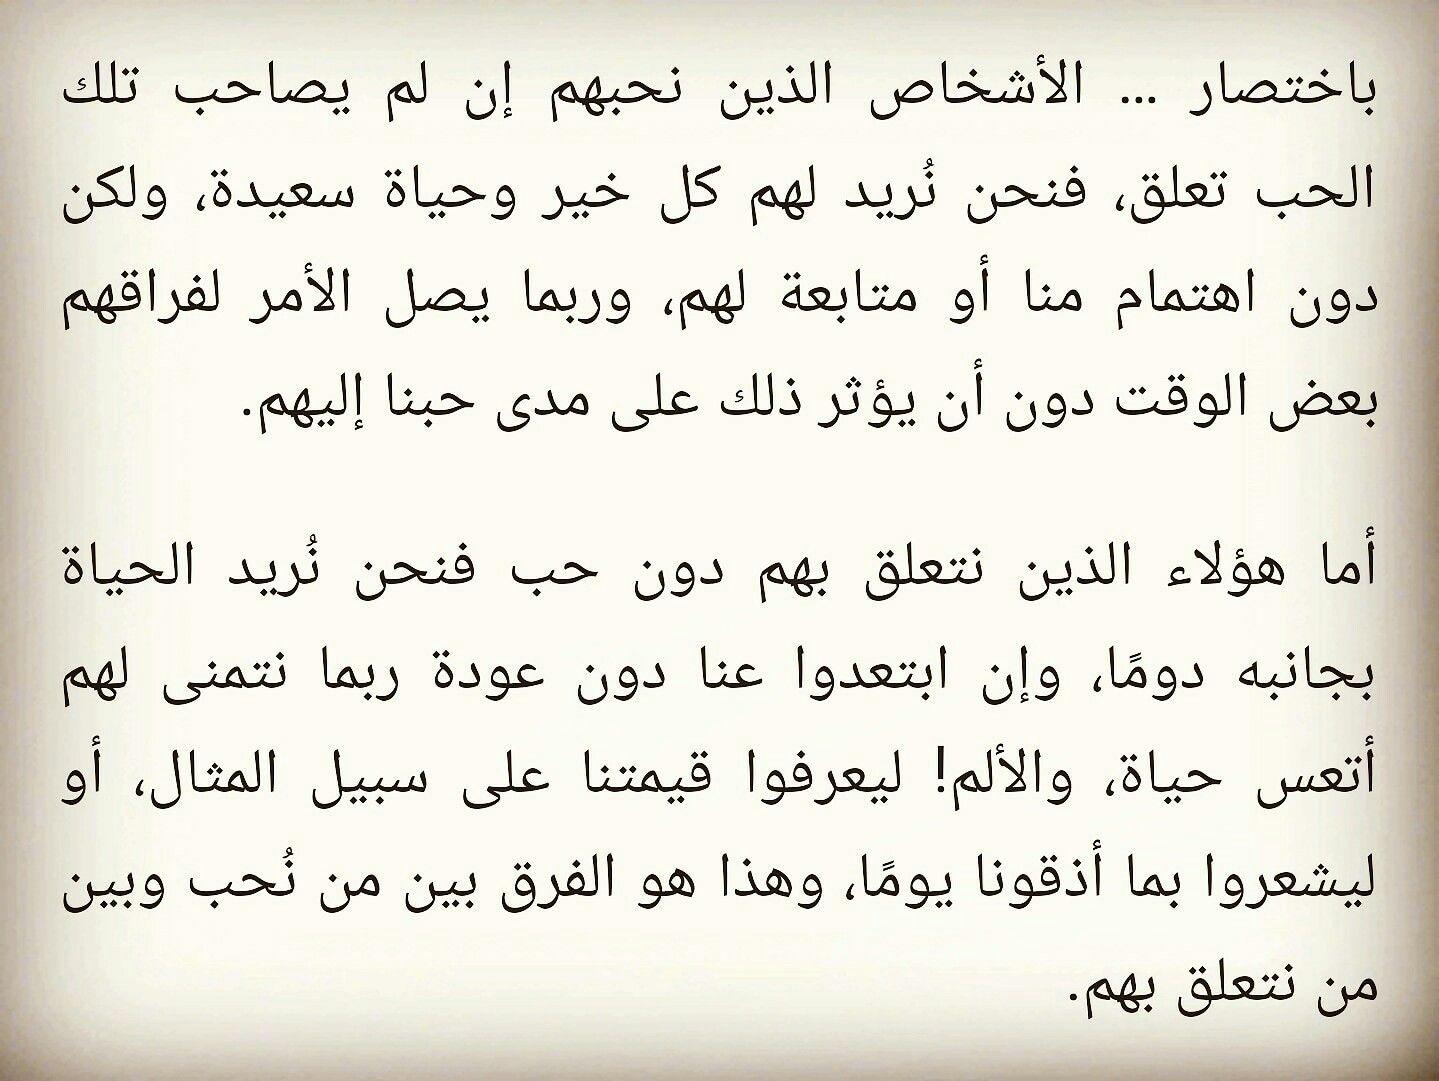 متفرقات زيد اسامة متفرقات حول العالم Motafari9atدوتcom منوعات متفرقات الكويت اخبار رياضة تكنولوجيا فيسبوك برام Math Math Equations Like Me